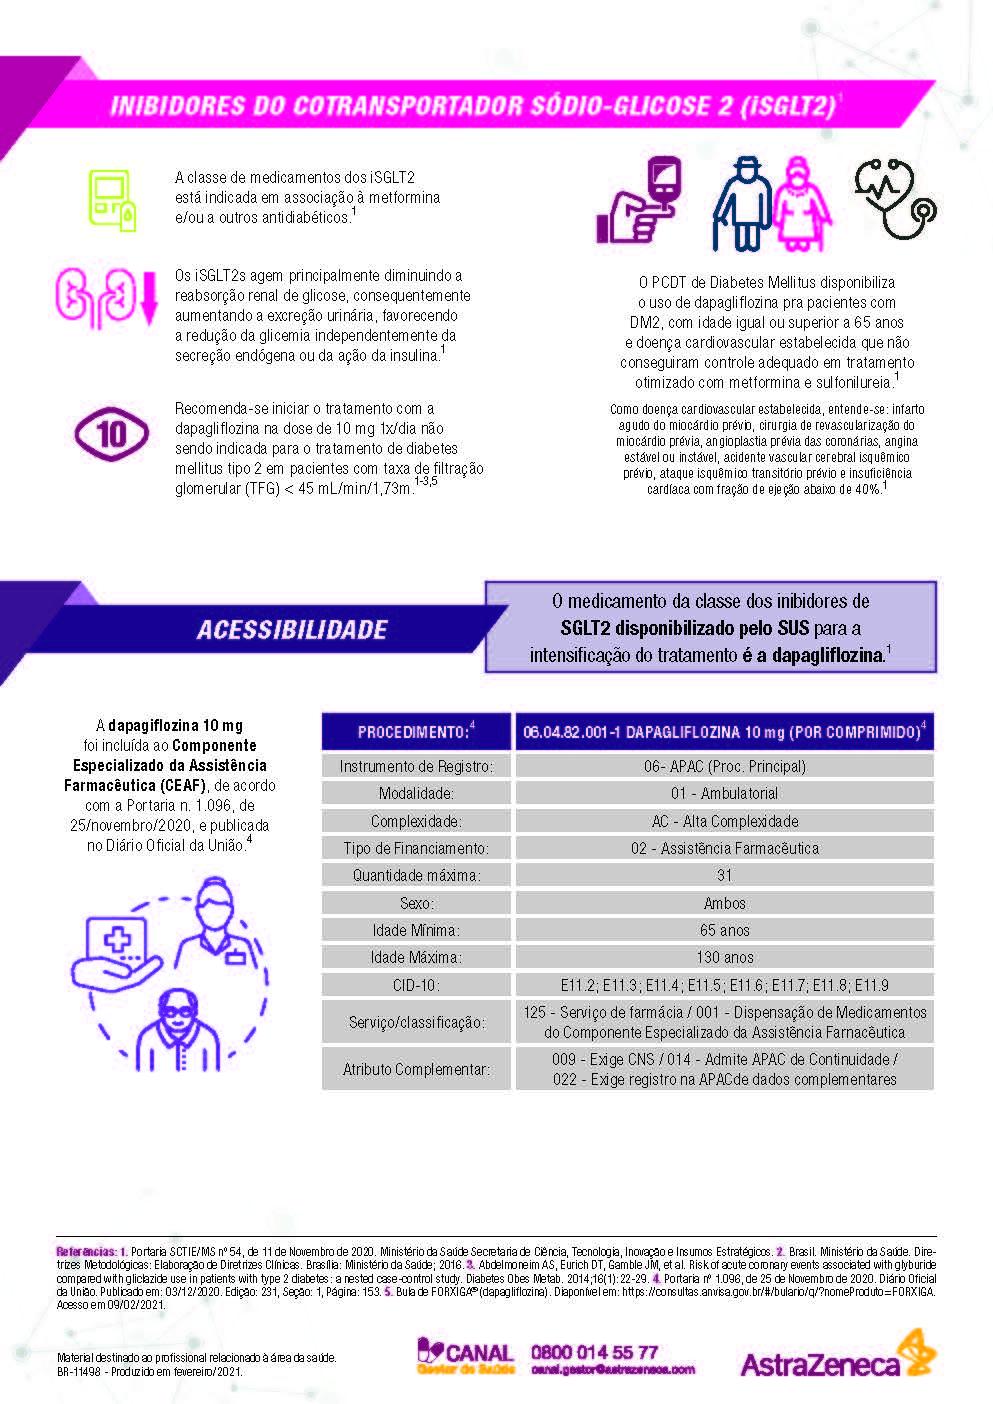 astrazeneca-for-infografico-acesso-2-fluxograma-tto-2021-Página-2